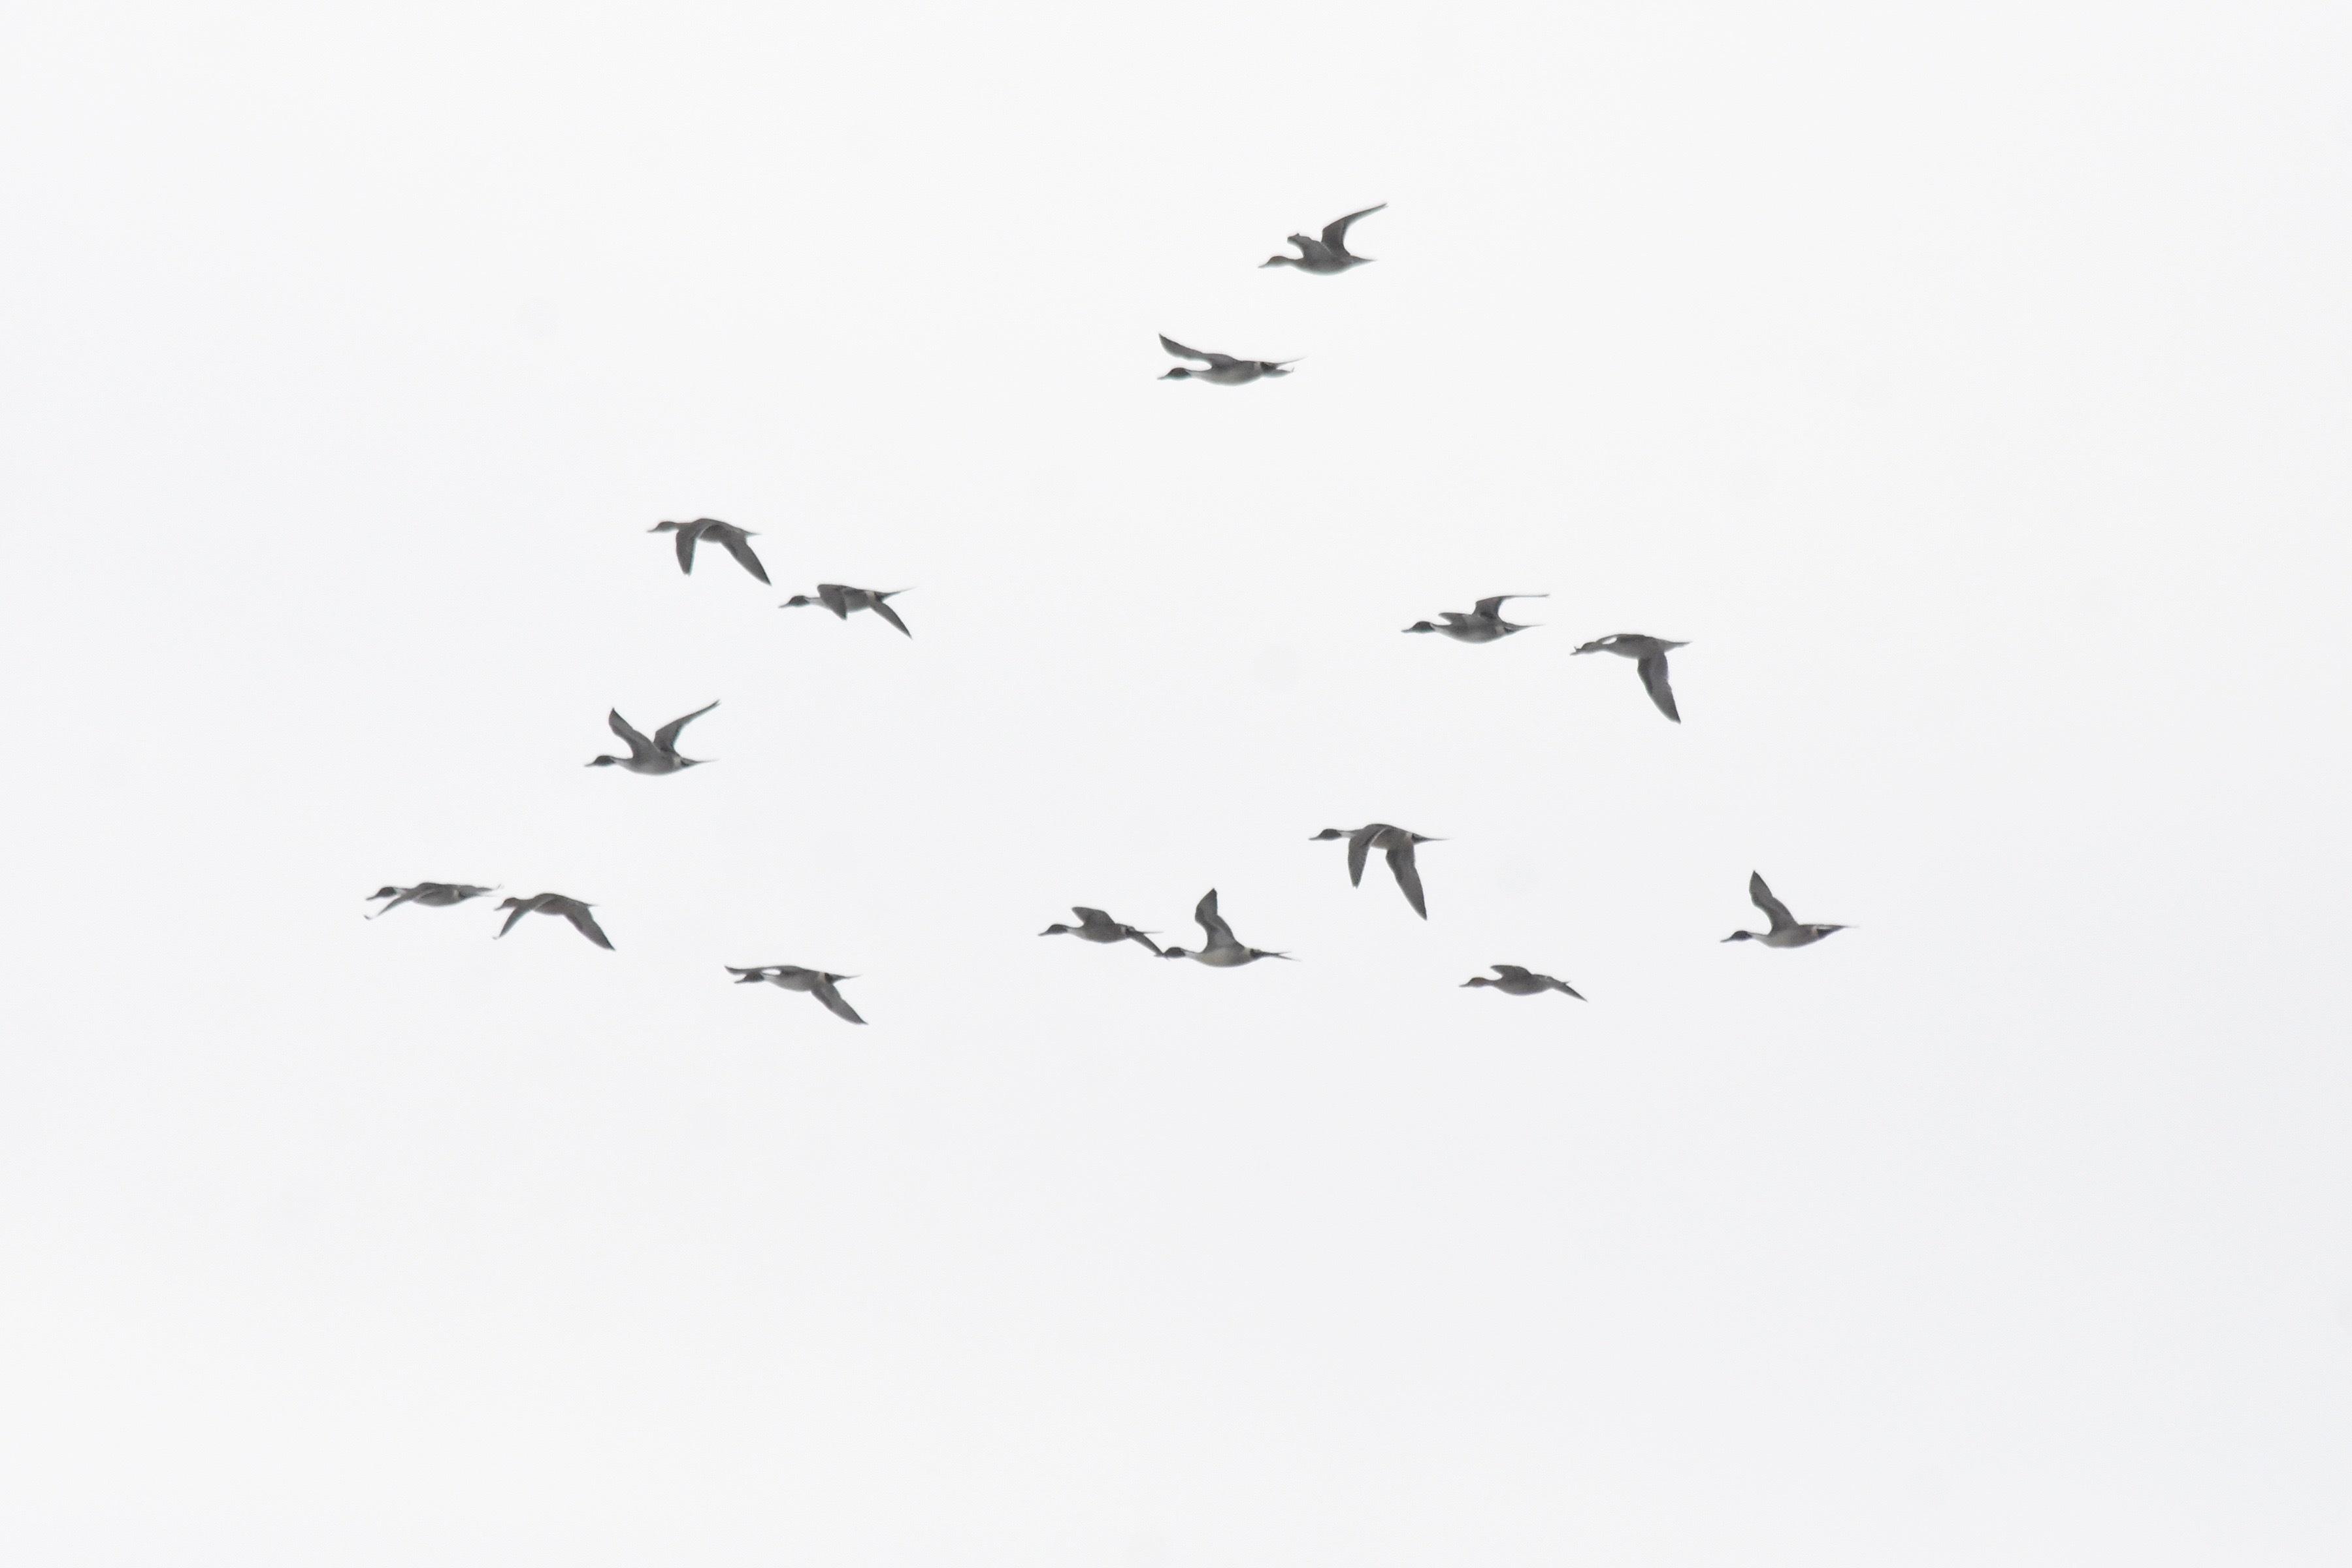 オナガガモ15羽